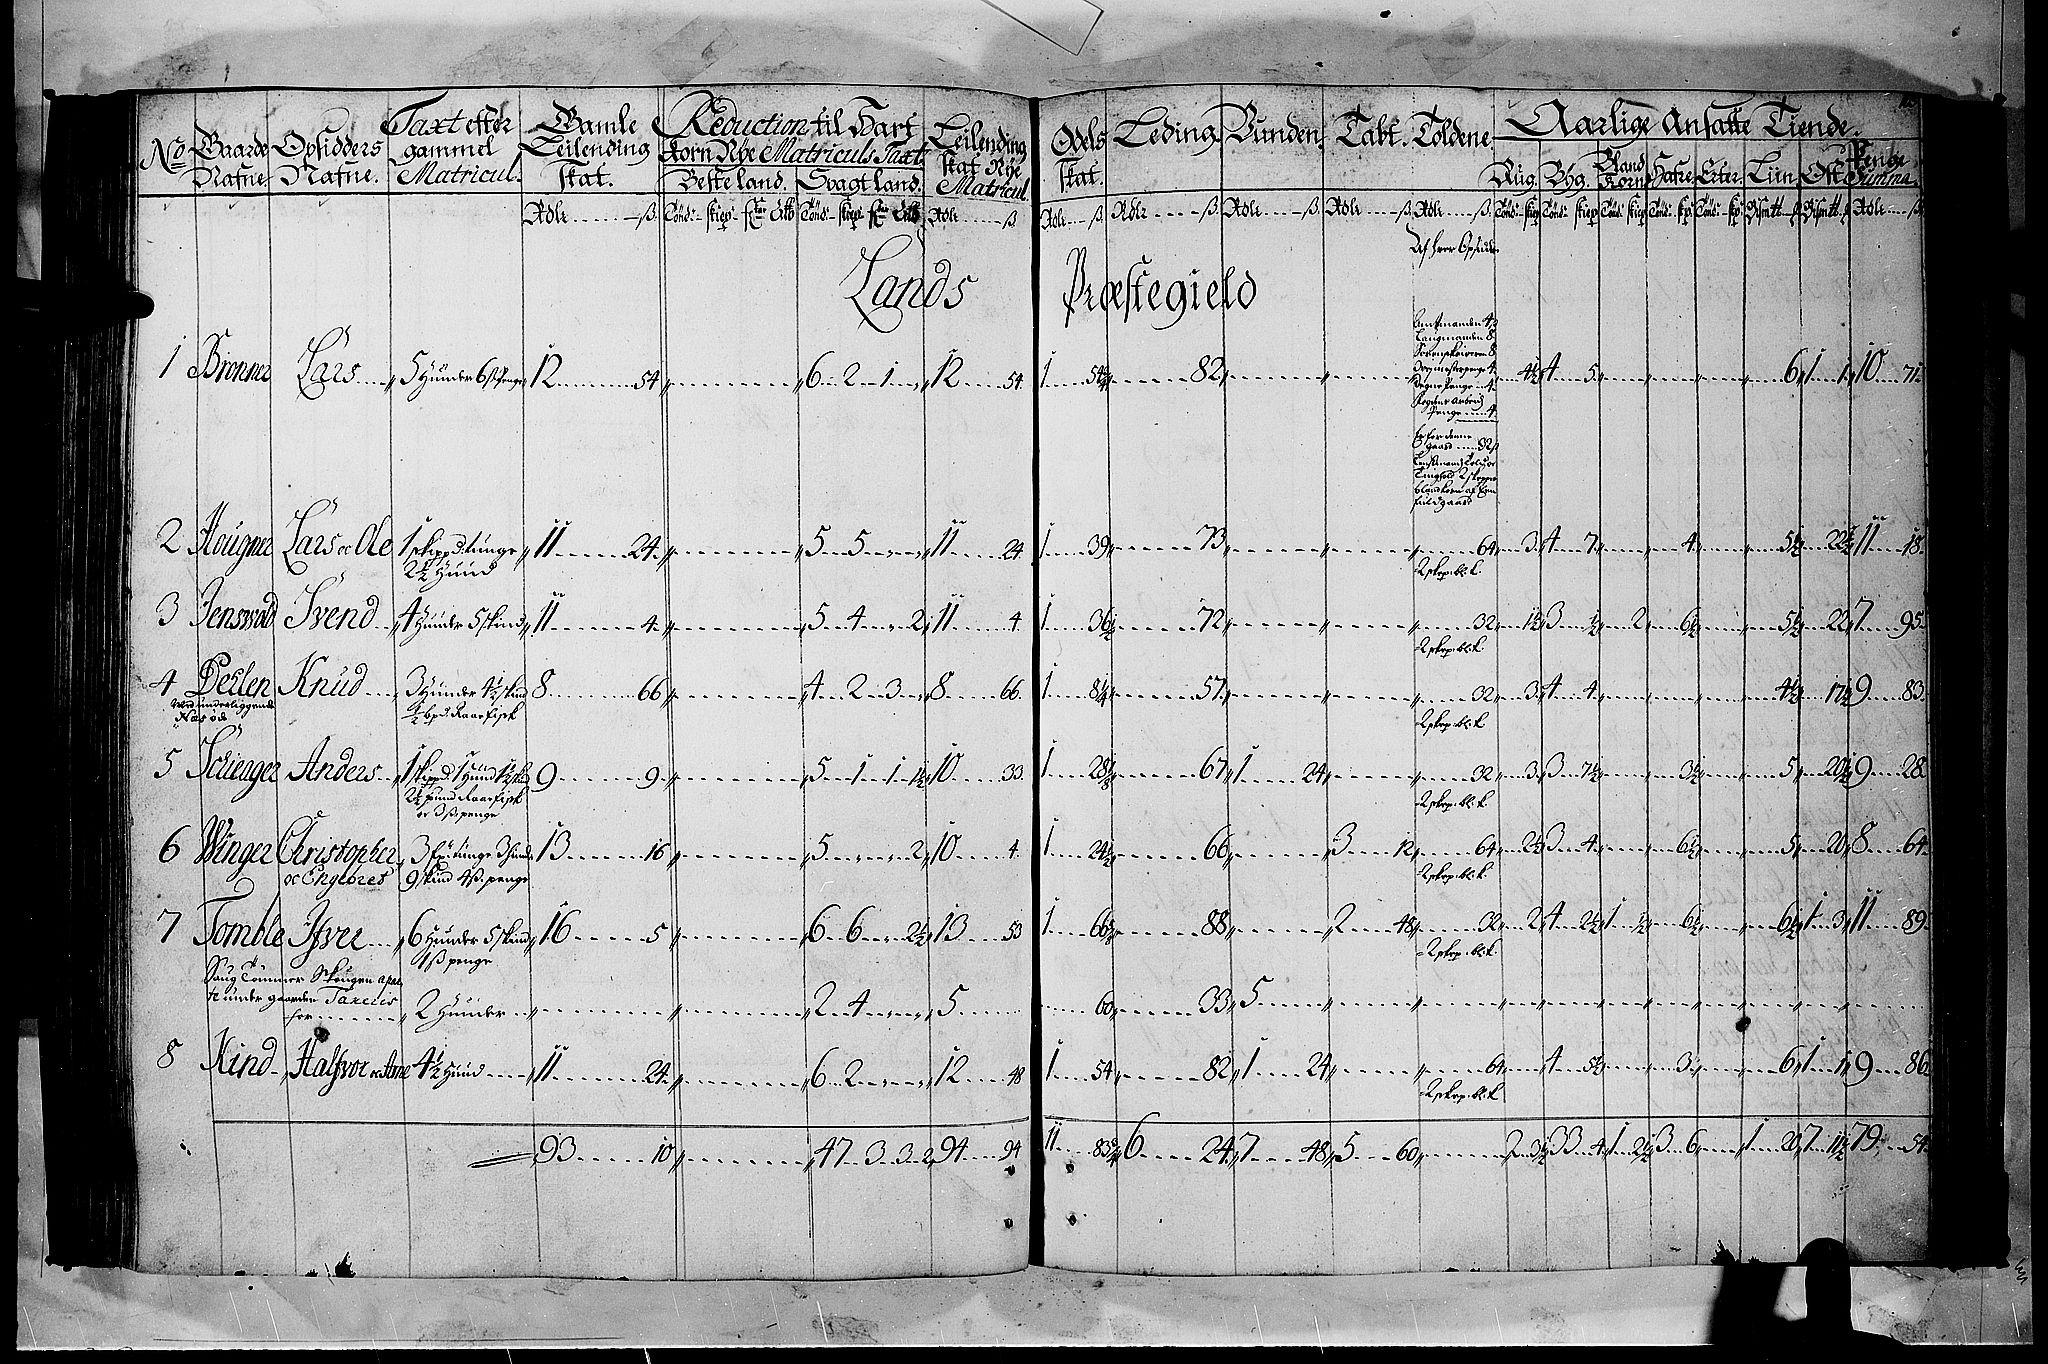 RA, Rentekammeret inntil 1814, Realistisk ordnet avdeling, N/Nb/Nbf/L0105: Hadeland, Toten og Valdres matrikkelprotokoll, 1723, s. 104b-105a